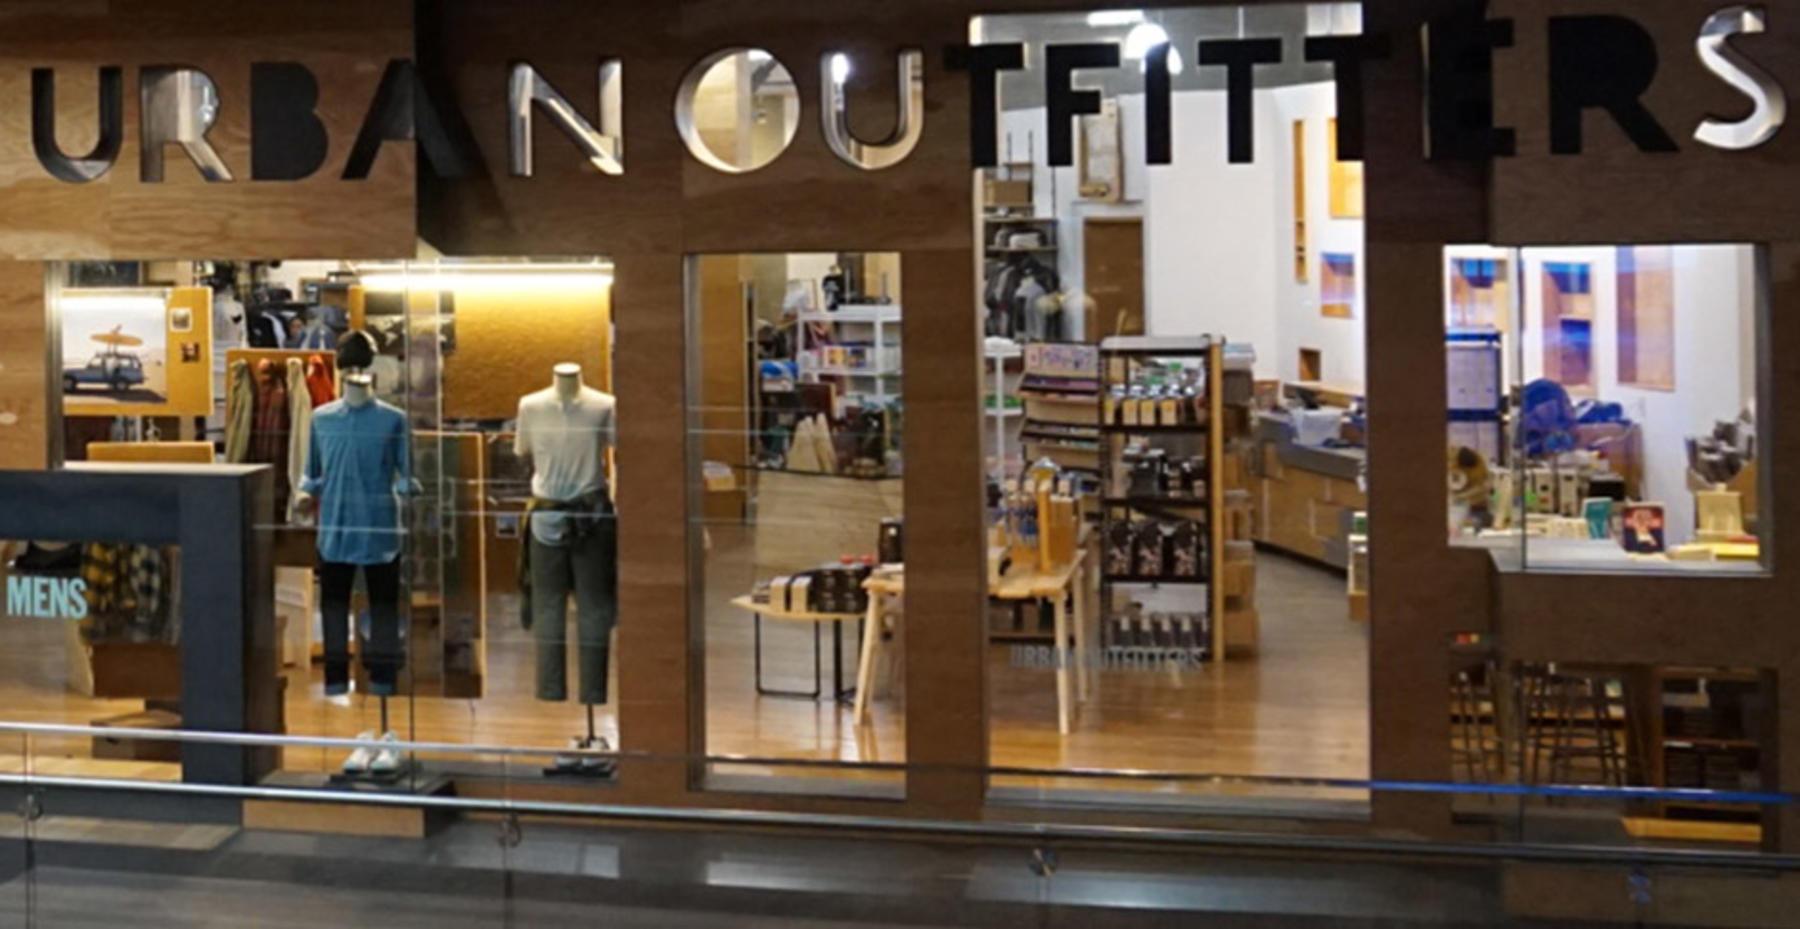 urban outfitters 1065 brea mall brea ca 92821 ypcom